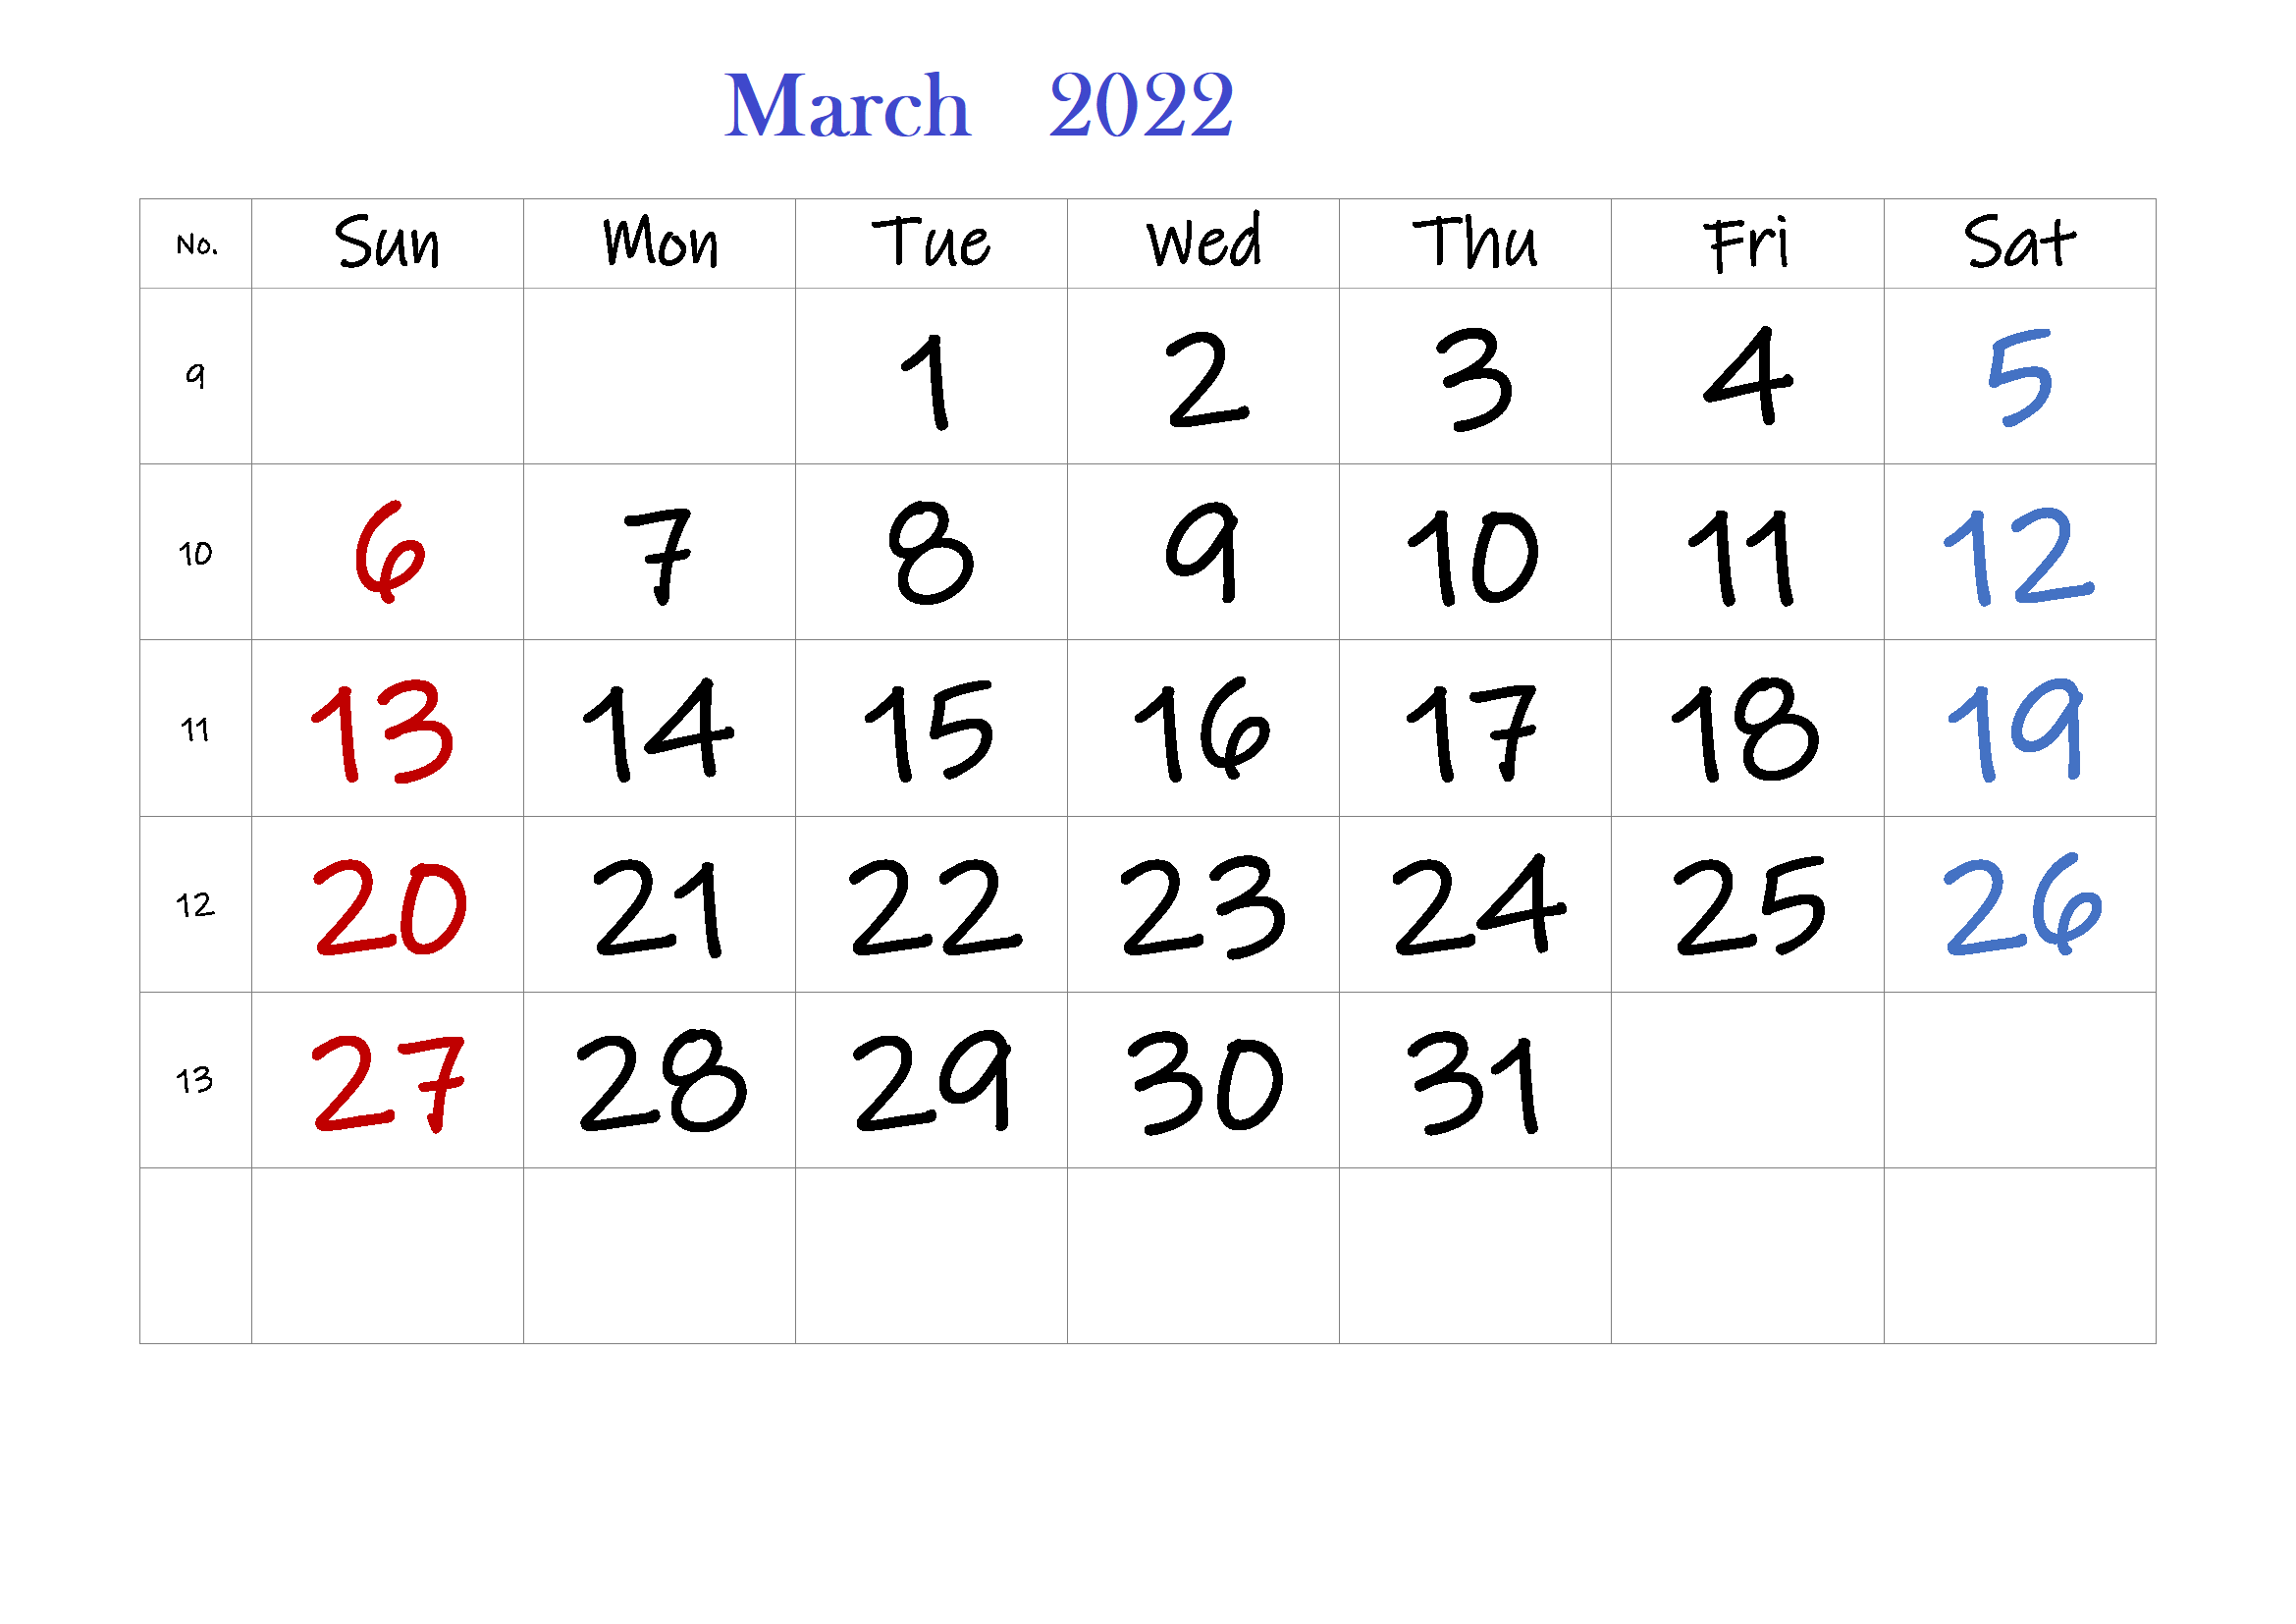 march-2022-calendar-printable-week-number